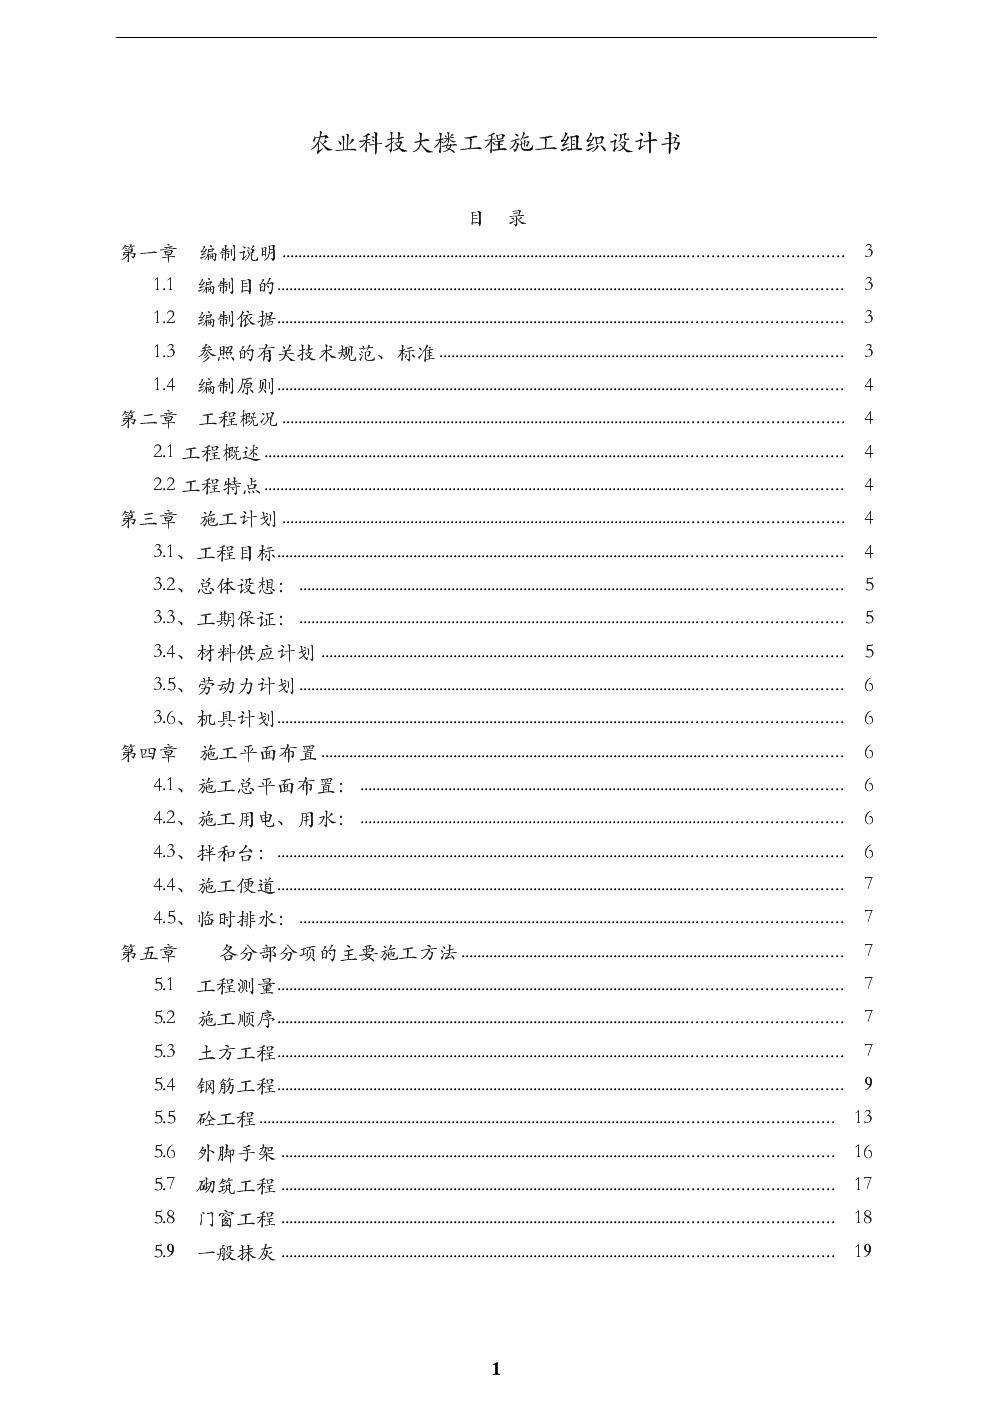 农业科技大楼工程施工组织设计书.doc